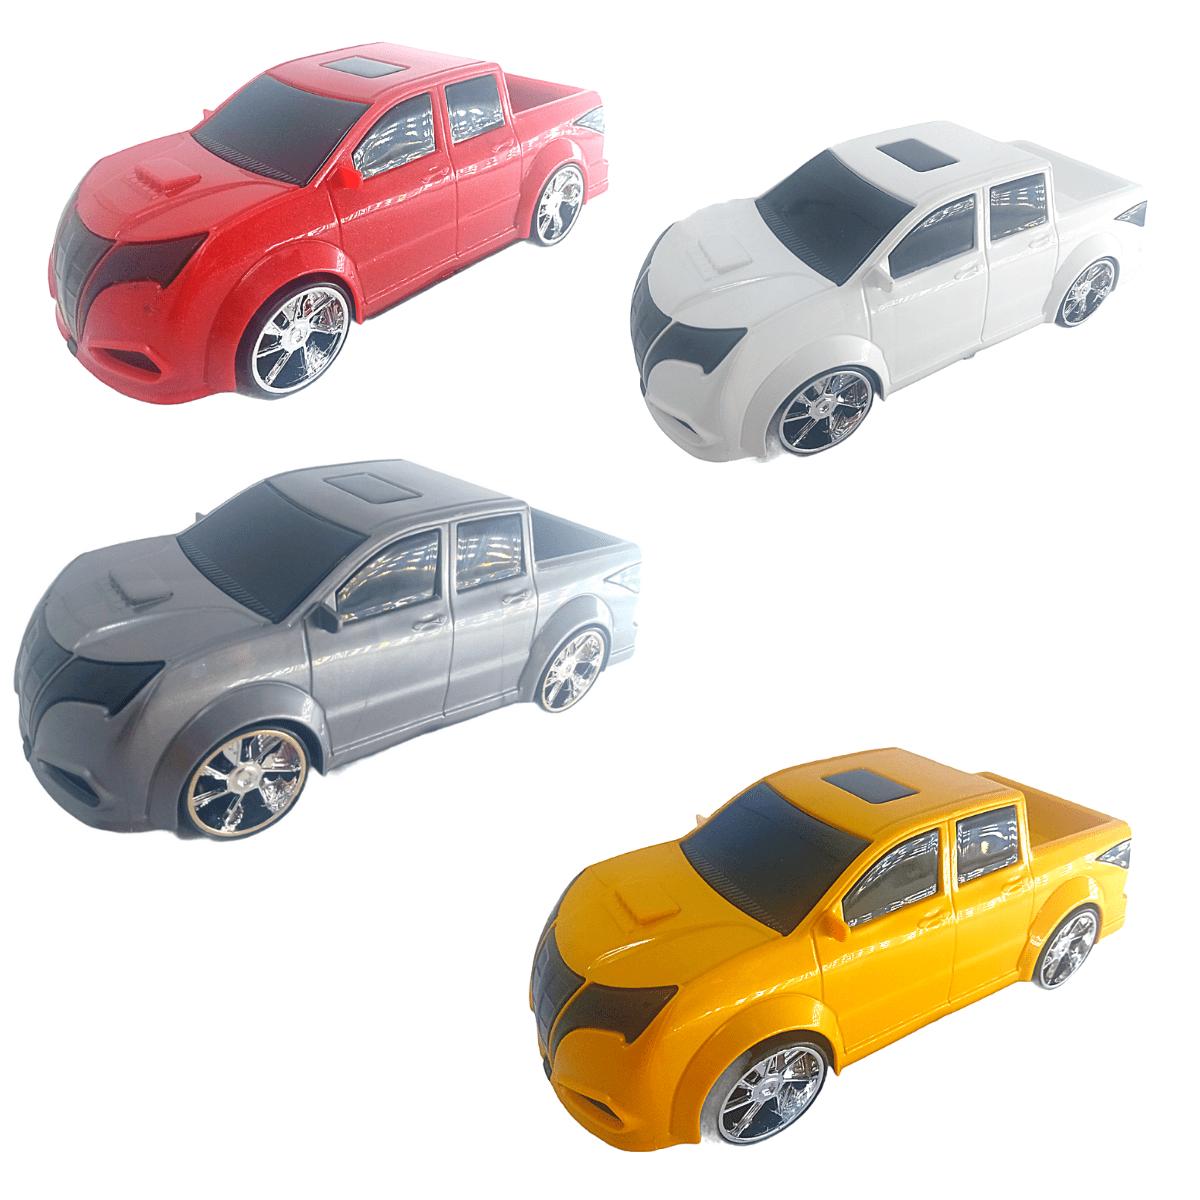 Carrinho de Brinquedo Pick Up Saturno Concept Car C/ 4  Modelos